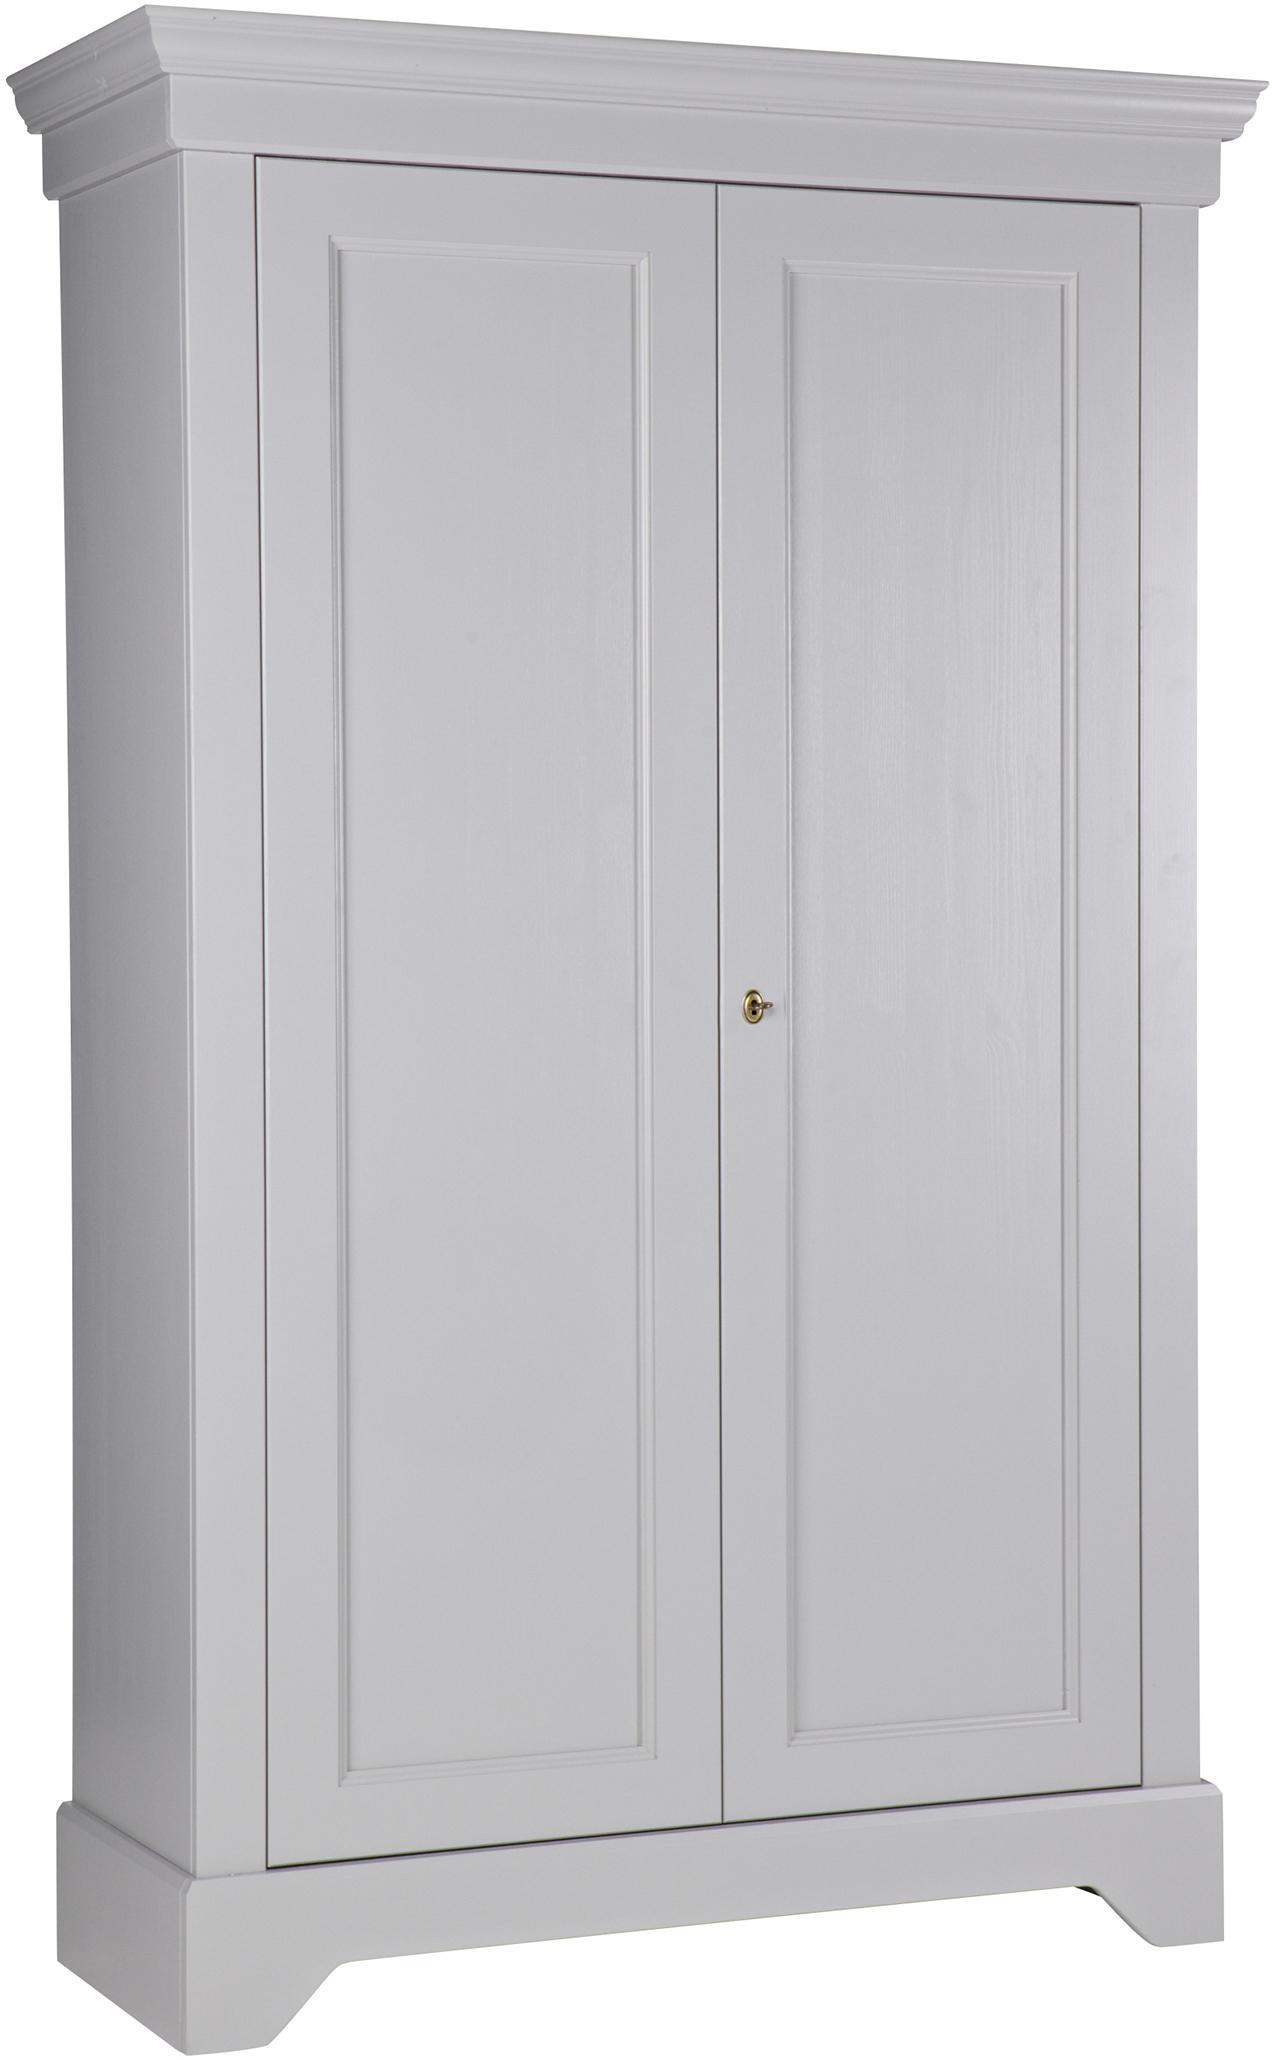 Szafa Isabel, Korpus: drewno sosnowe, lakierowa, Szary, S 118 x W 191 cm